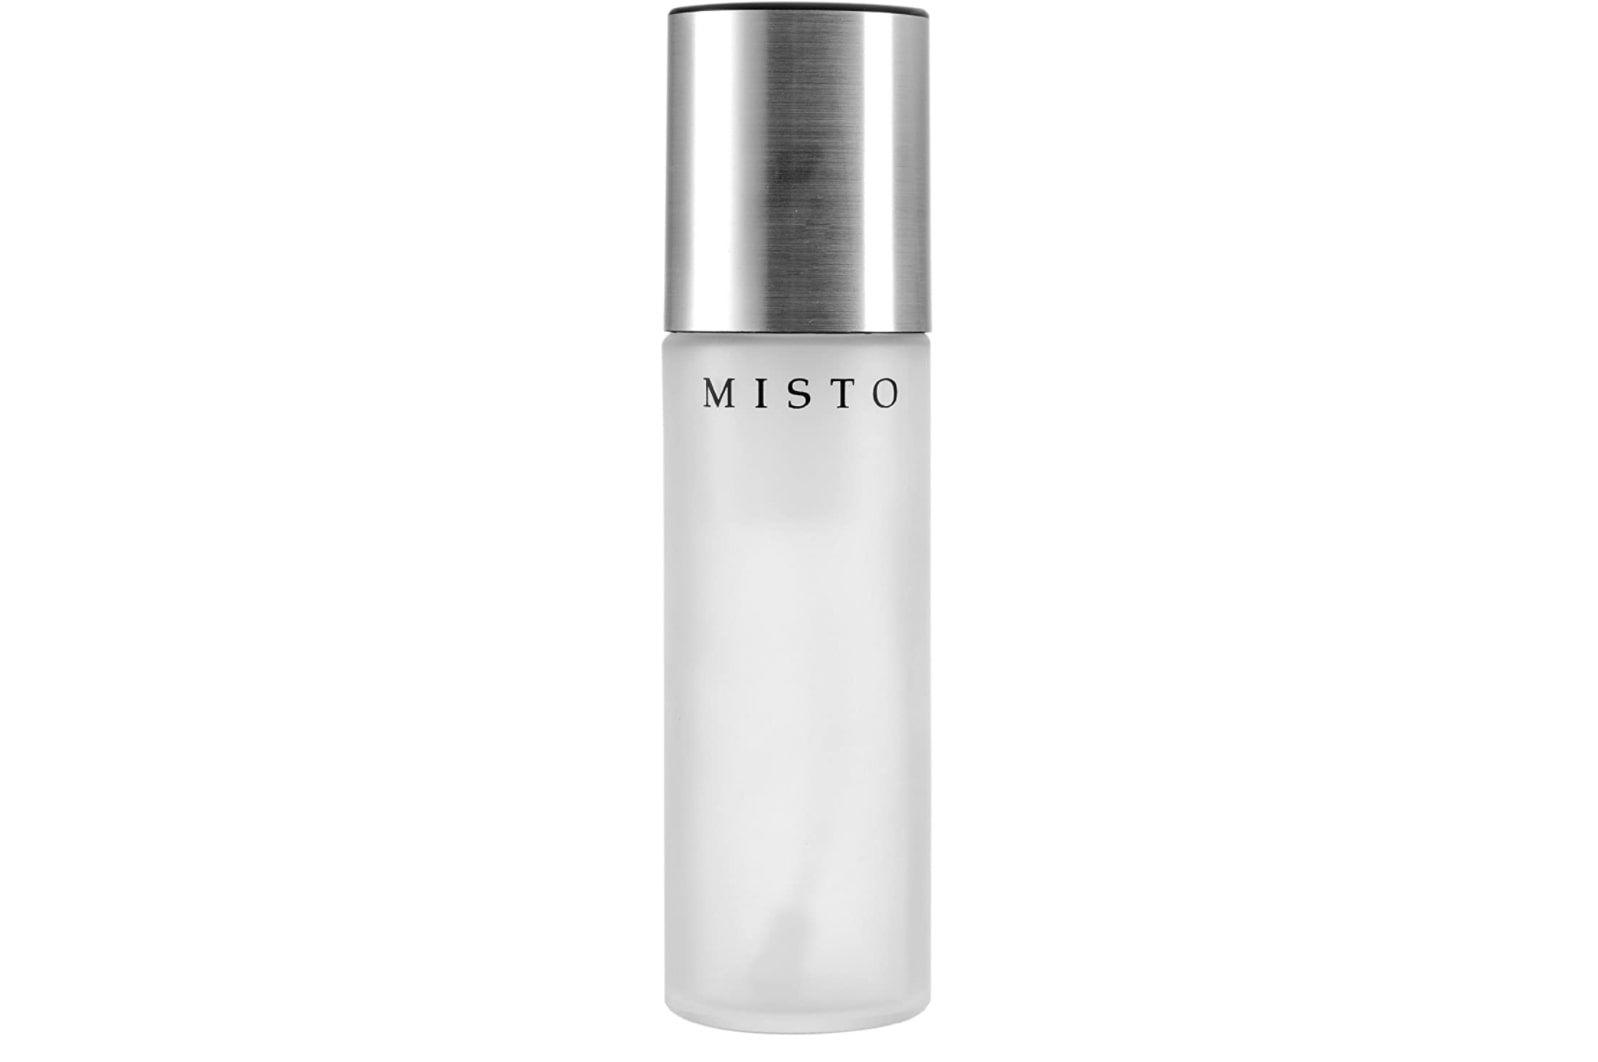 misto-oil-sprayer